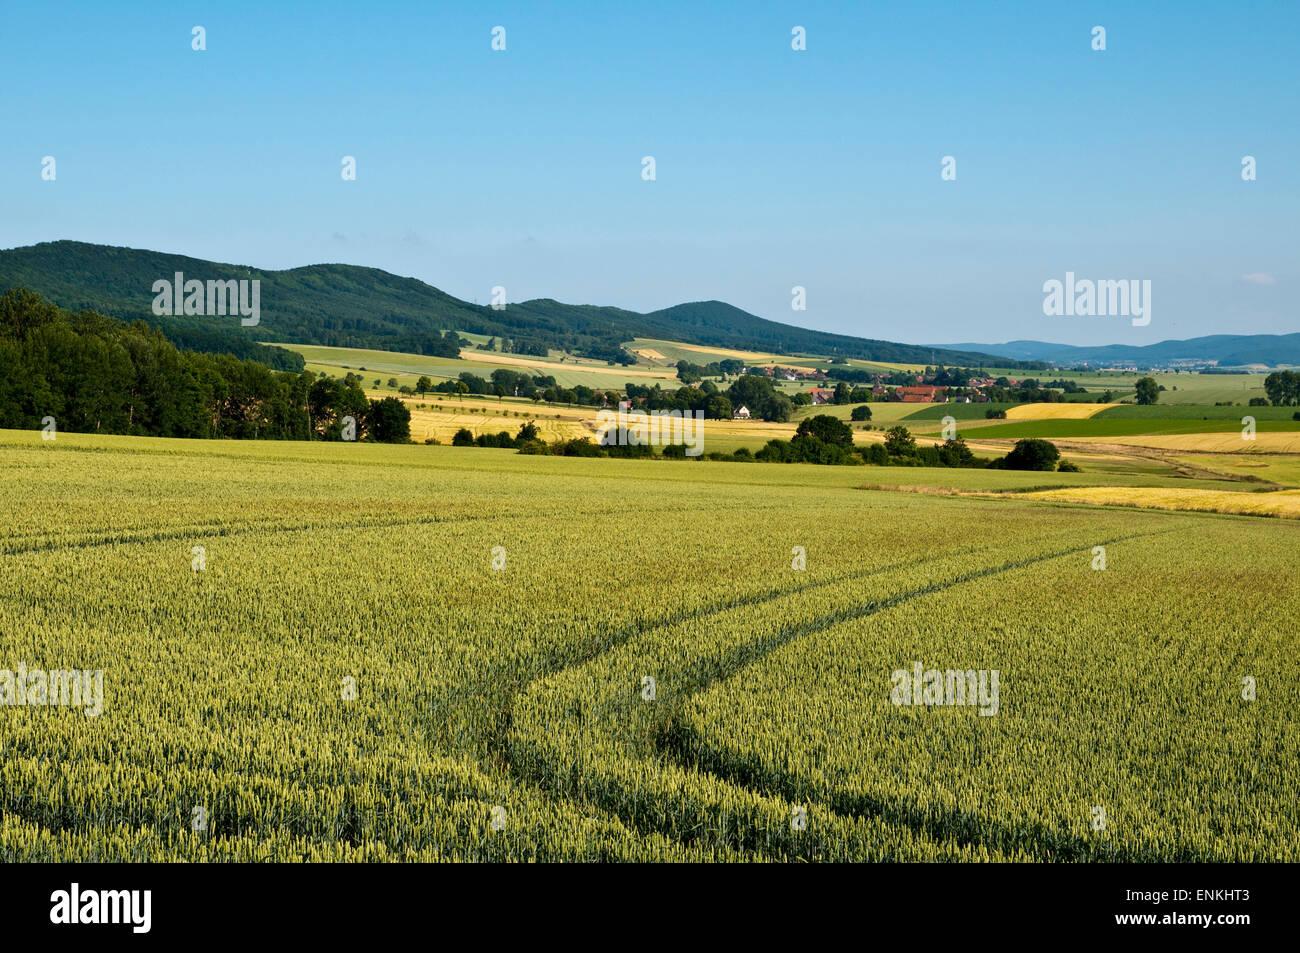 Landschaft mit Feldern und Hügeln, Weserbergland, Niedersachsen, Deutschland Stockbild